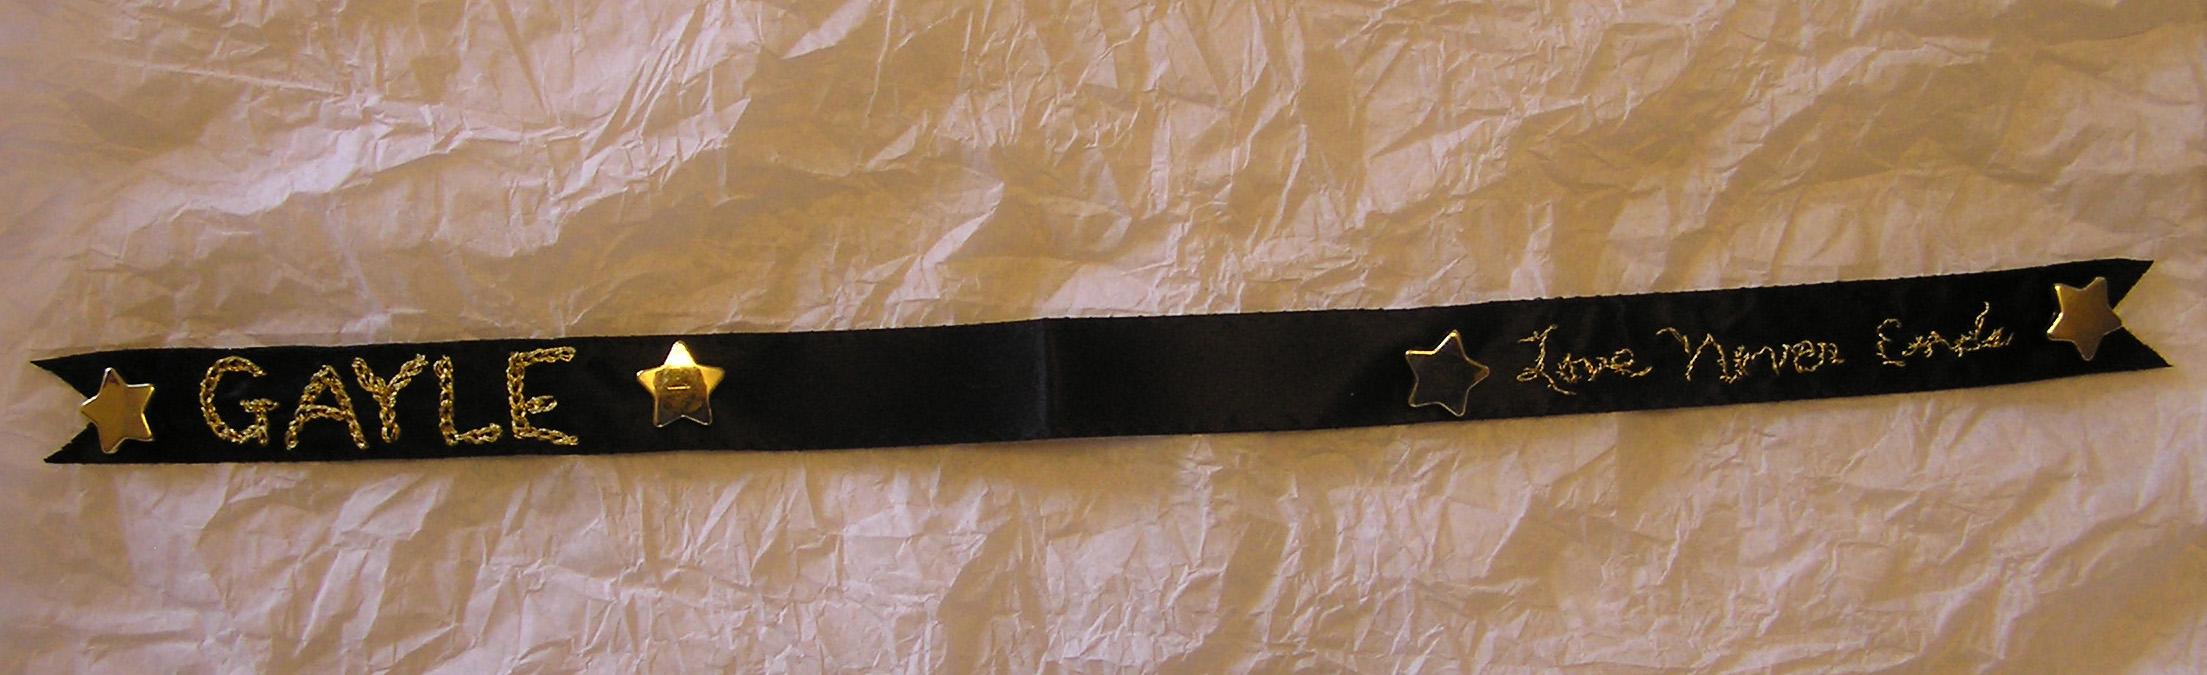 Sprirt Gayles ribbon